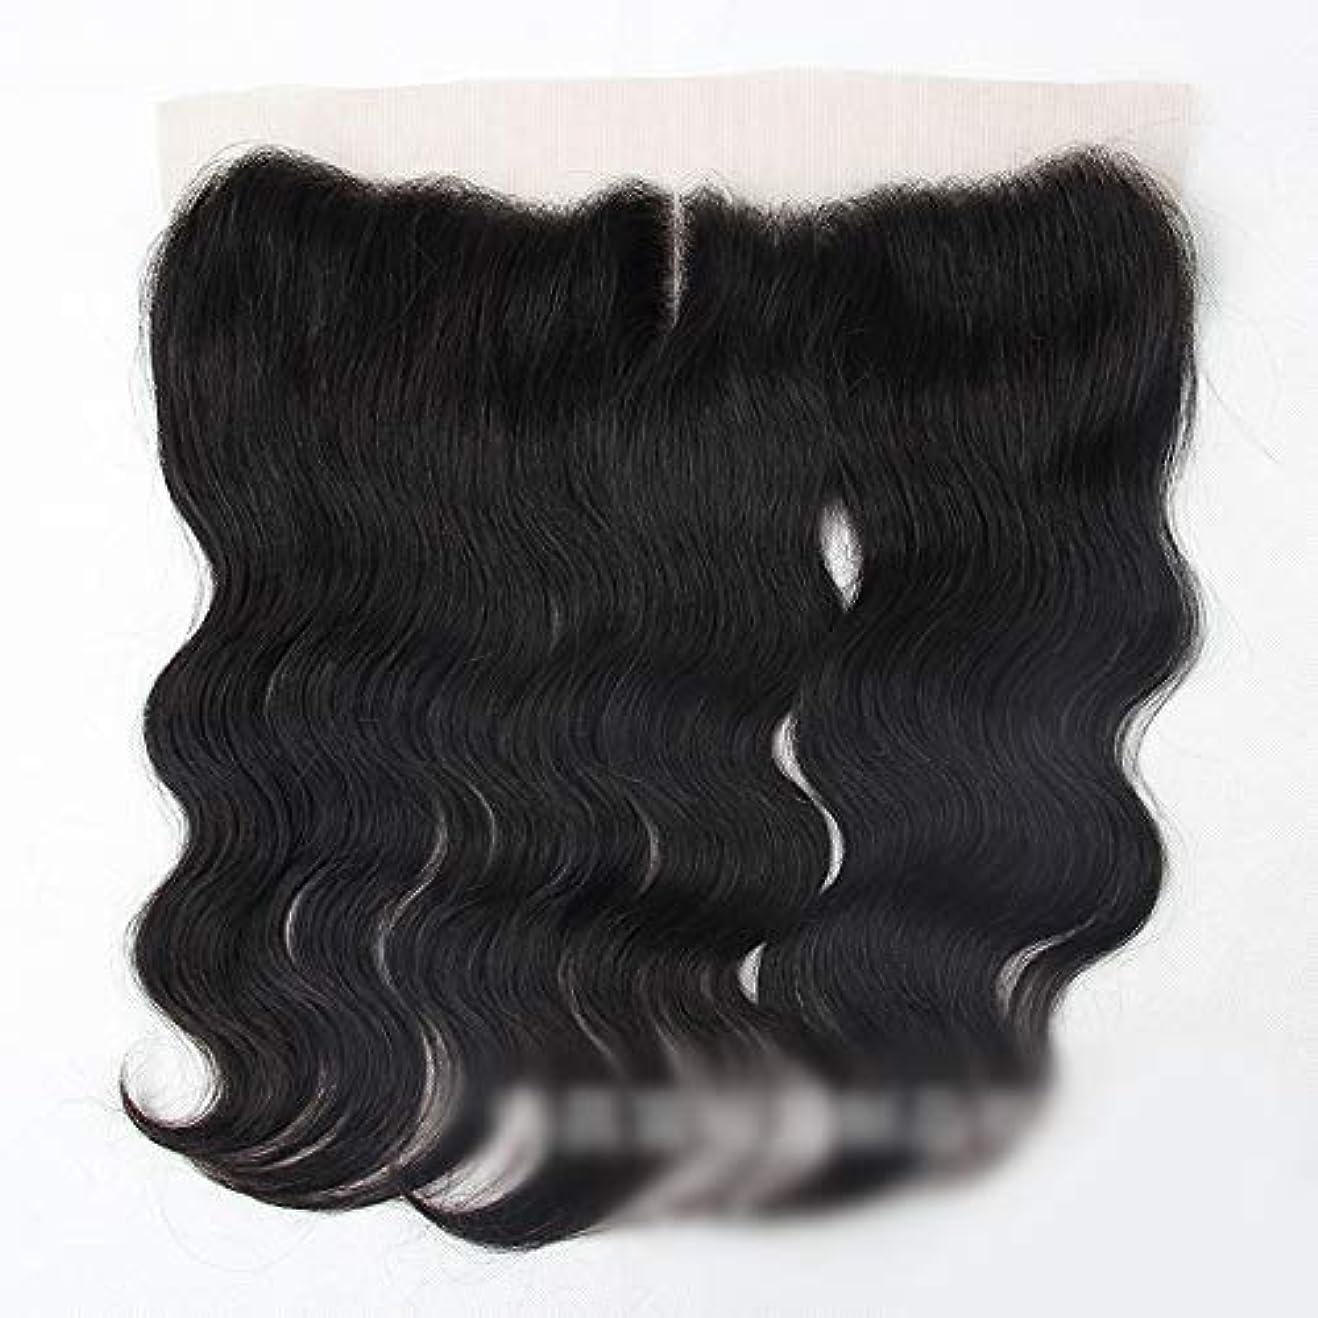 爆発致死願うMayalina ブラジルの実体波人間の髪の毛13×4レース前頭閉鎖中間部ナチュラルブラックカラーショートウィッグ (色 : 黒, サイズ : 10 inch)